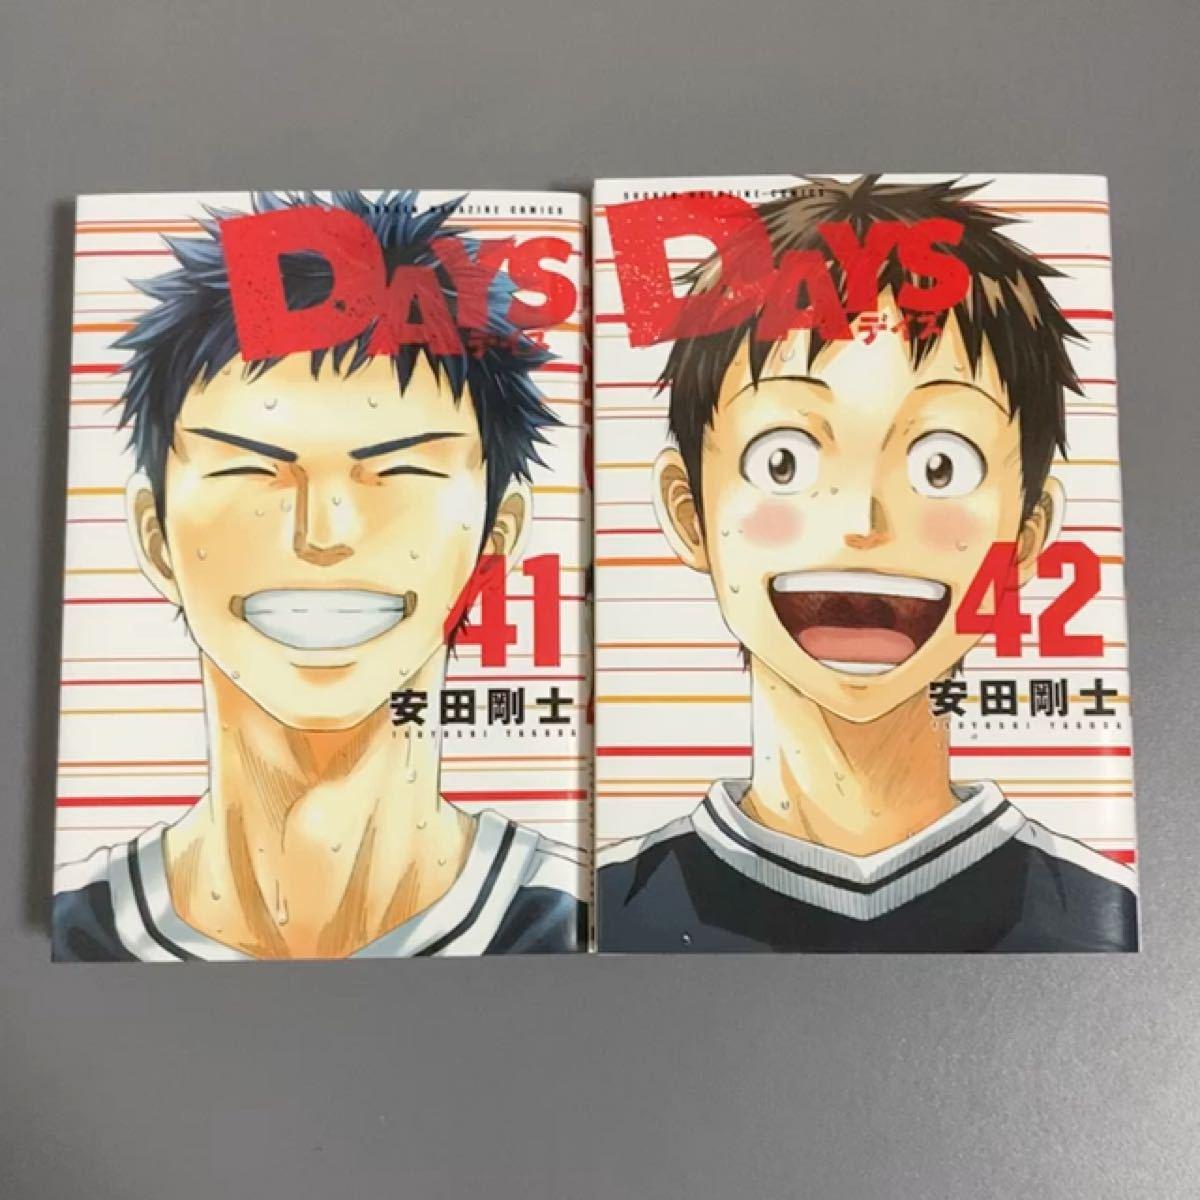 【レンタルアップ】DAYS 41巻、42巻[完結](2冊セット)